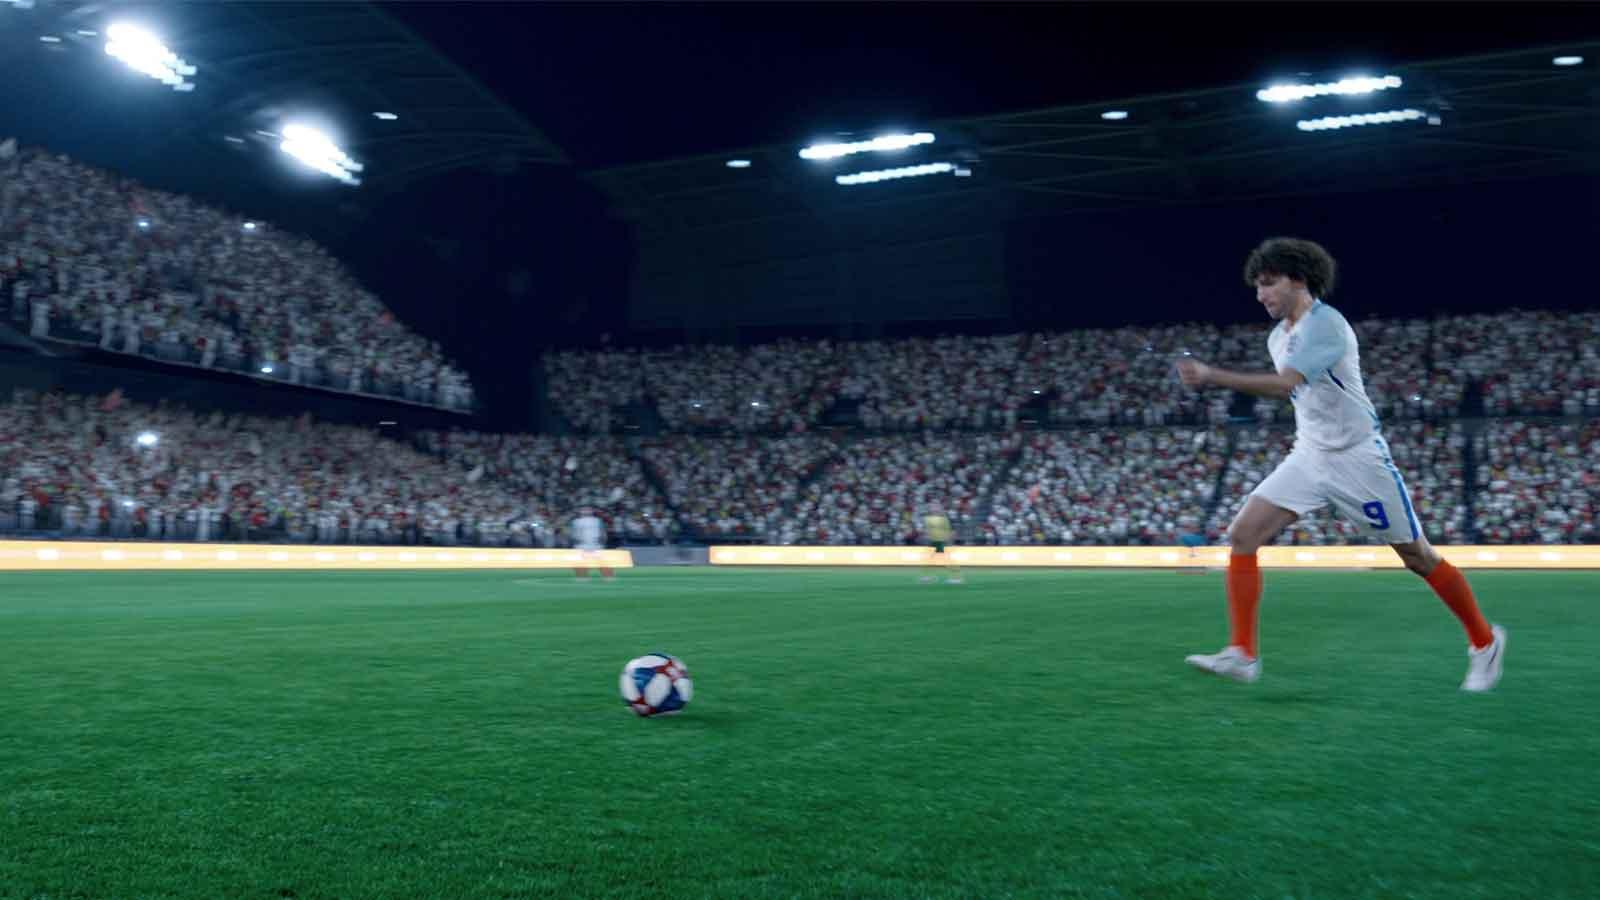 Чоловік ототожнює себе з футболістом, сидячи на дивані та спостерігаючи за футбольним матчем. Під час події друзі збираються та переглядають її разом. Видно гасло «Будь суперзіркою— наповни гру сяйвом»